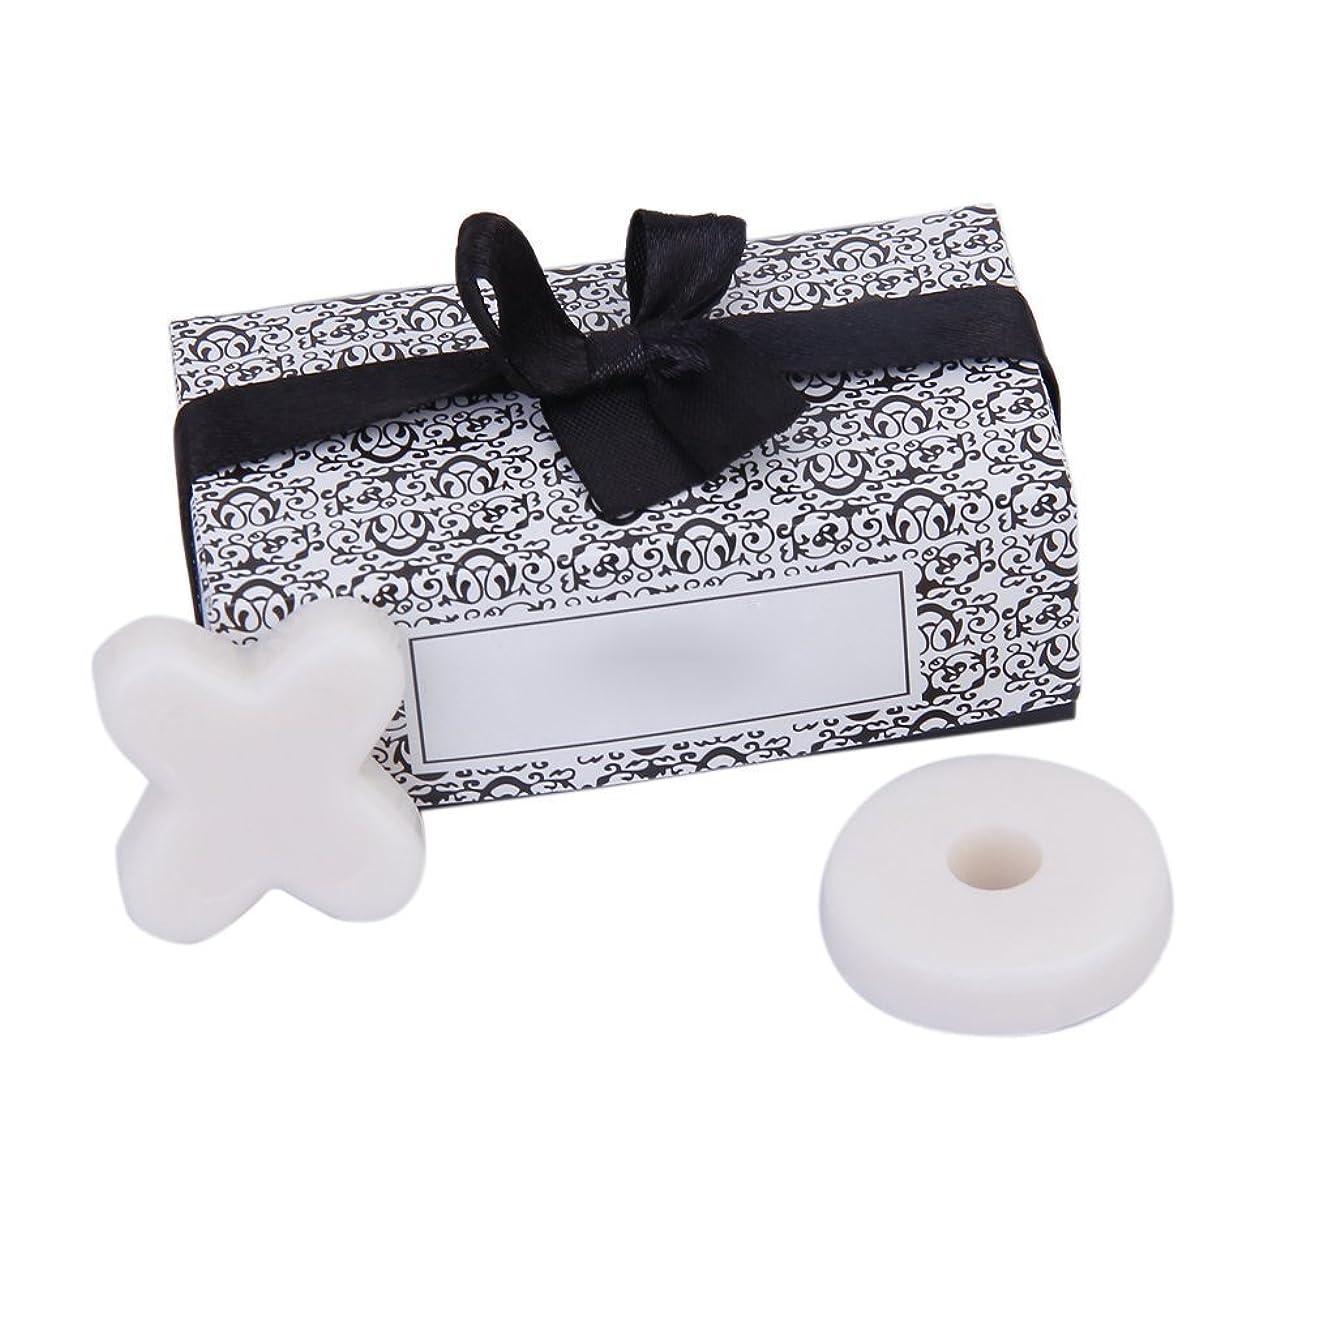 噛む分散艶SODIAL(R) トレンディーかわいい香り 石鹸 結婚式のギフト XO石鹸 パーティー、ベビーシャワー用 ホワイト